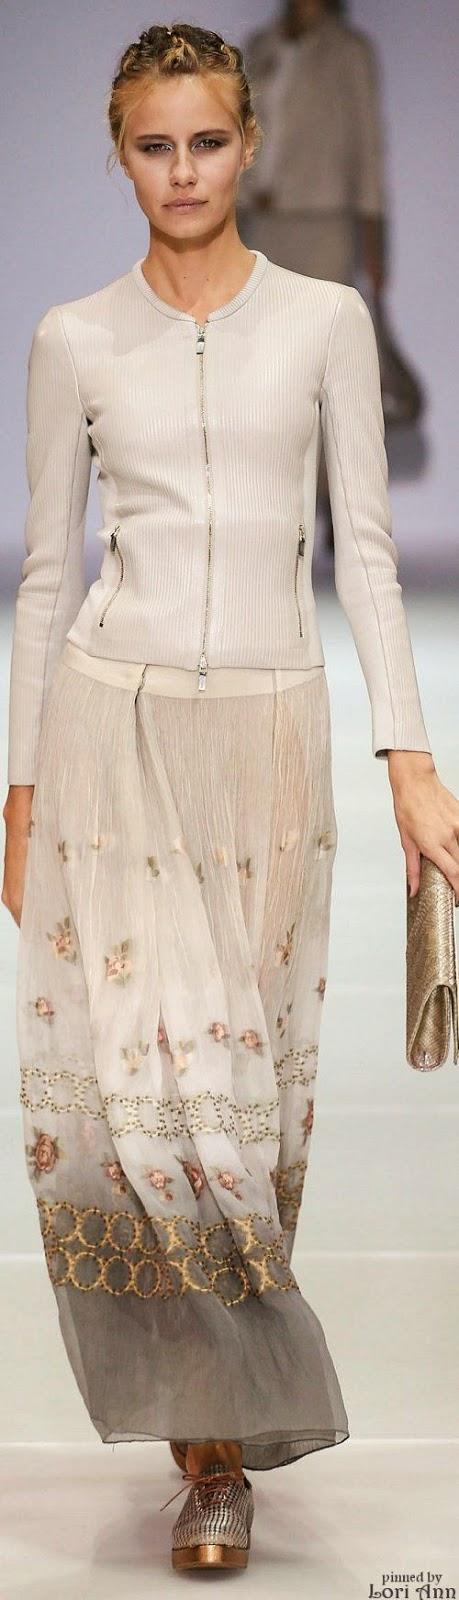 Tendências moda primavera-verão 2015 transparentes e fluidos